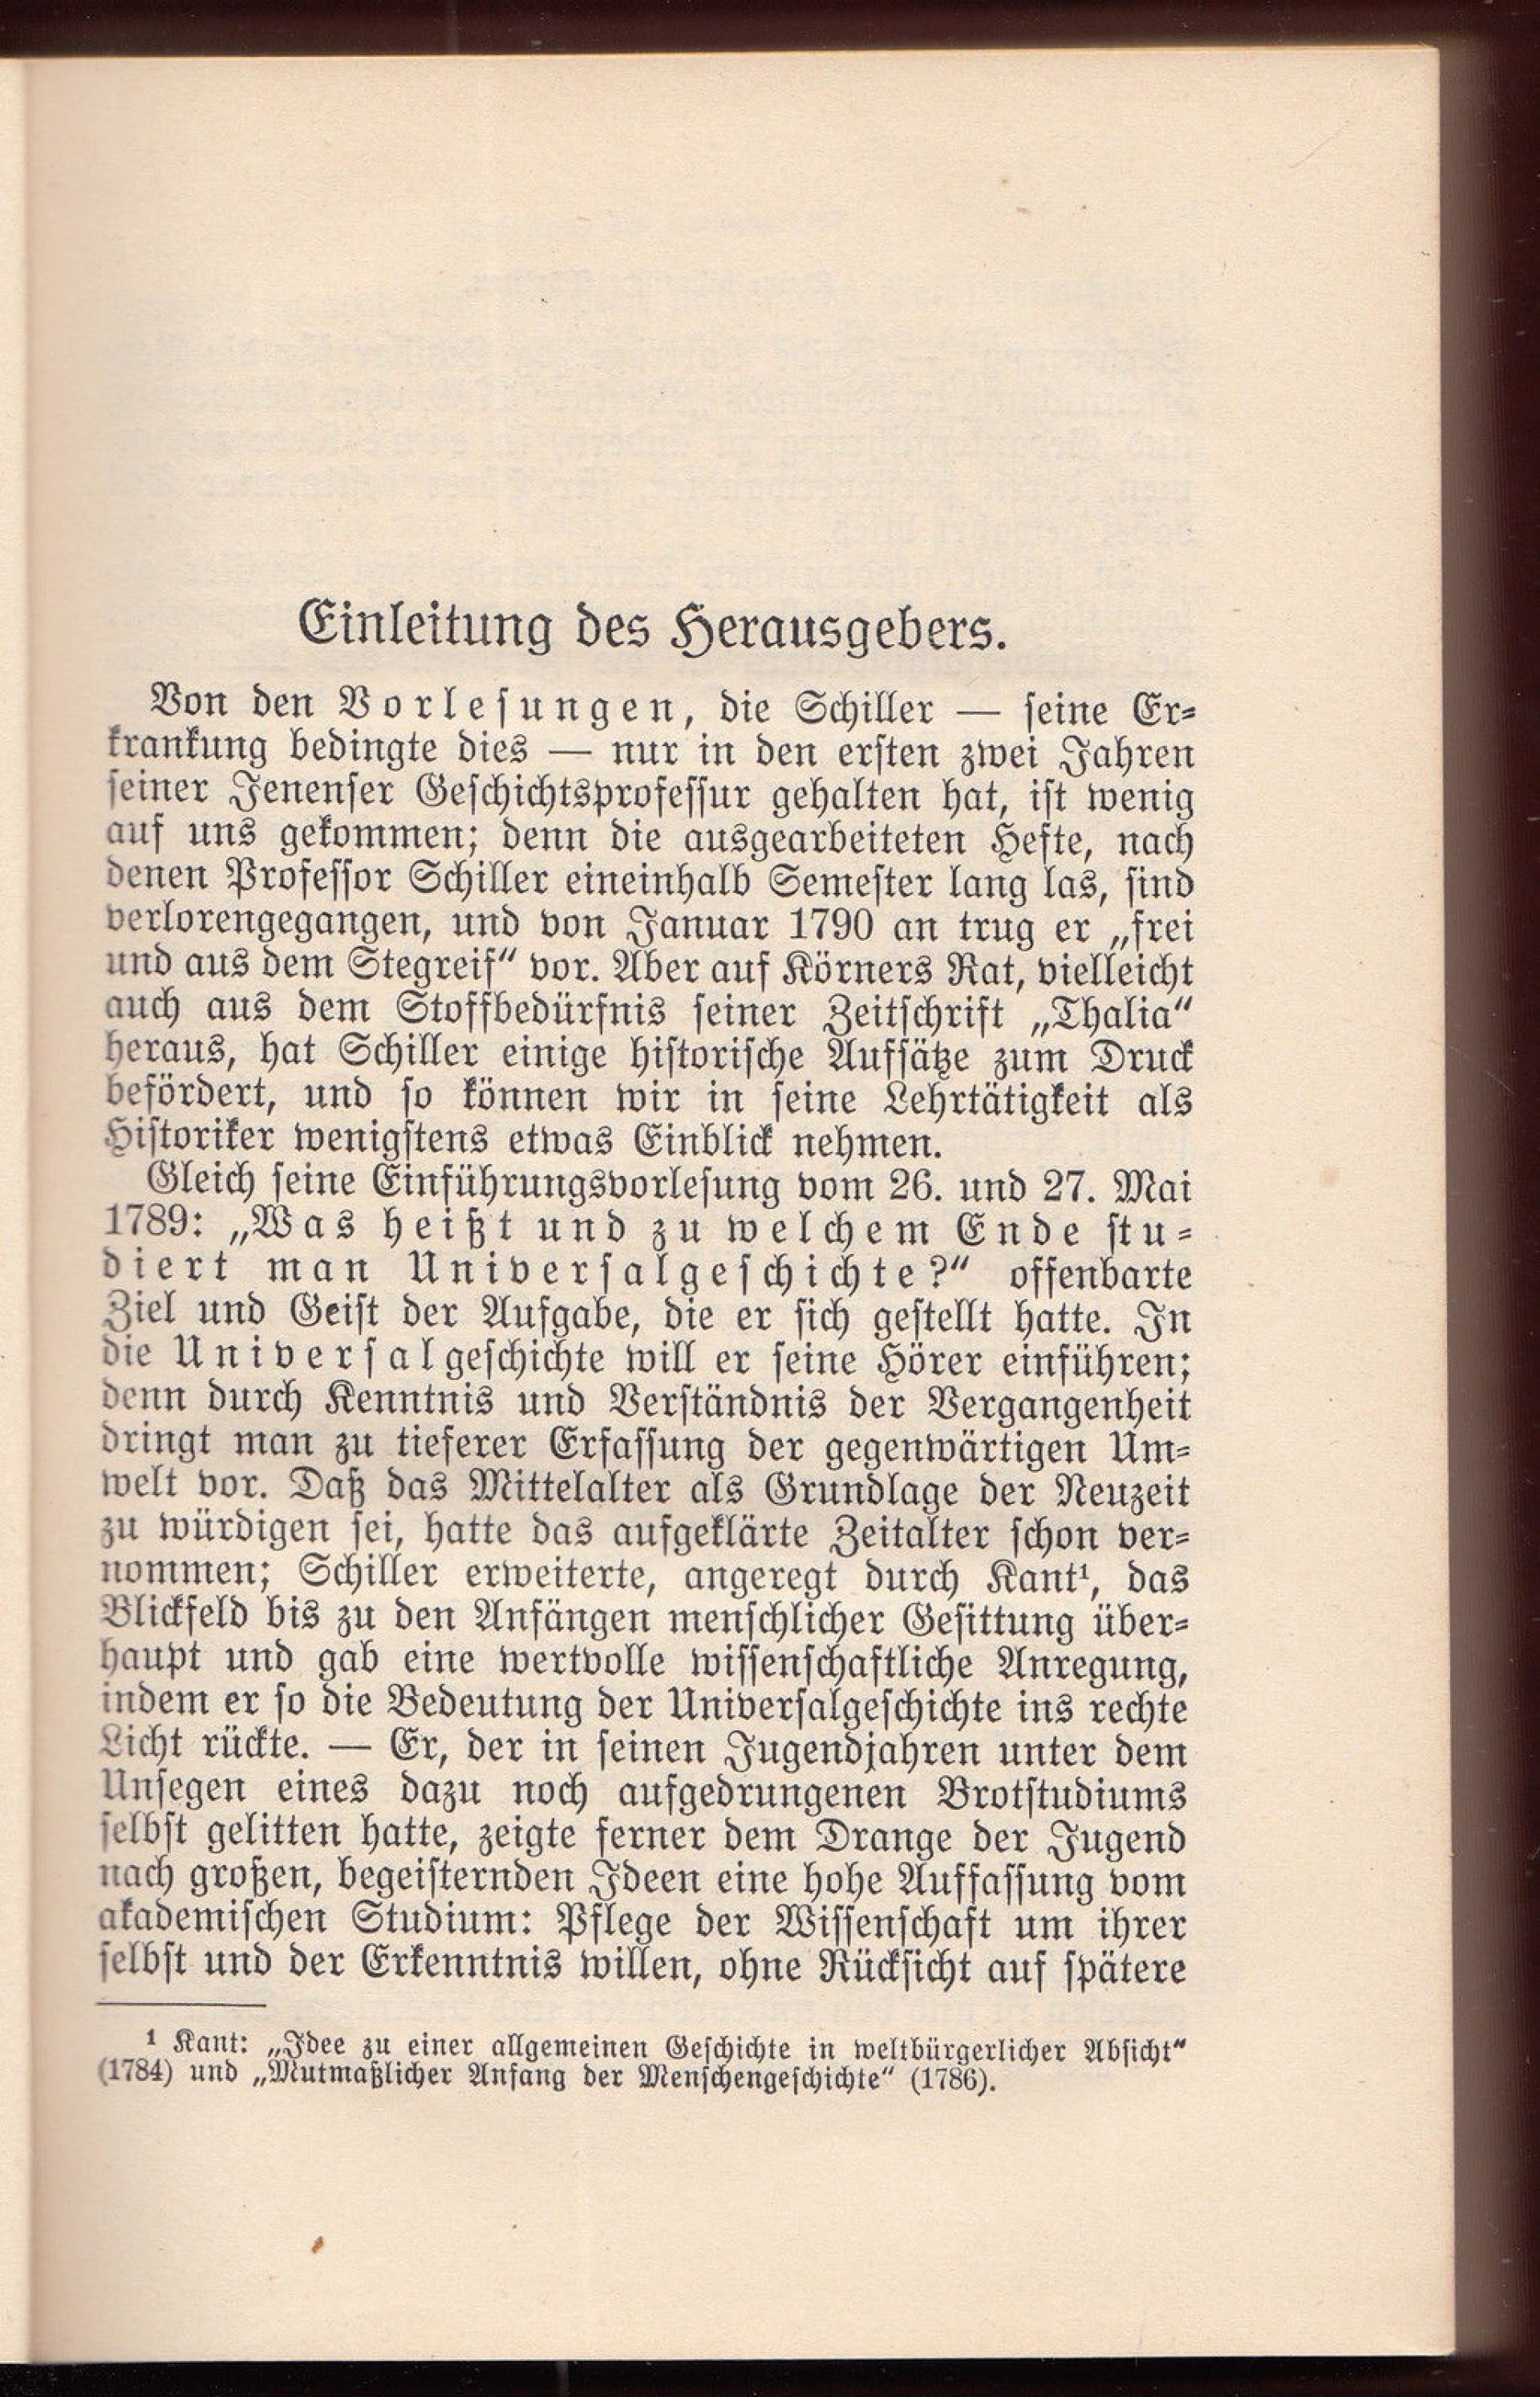 013 Essay Example Schiller Essays Friedrich Schriften Vol Werke Ger Philosophy History Awful 1920